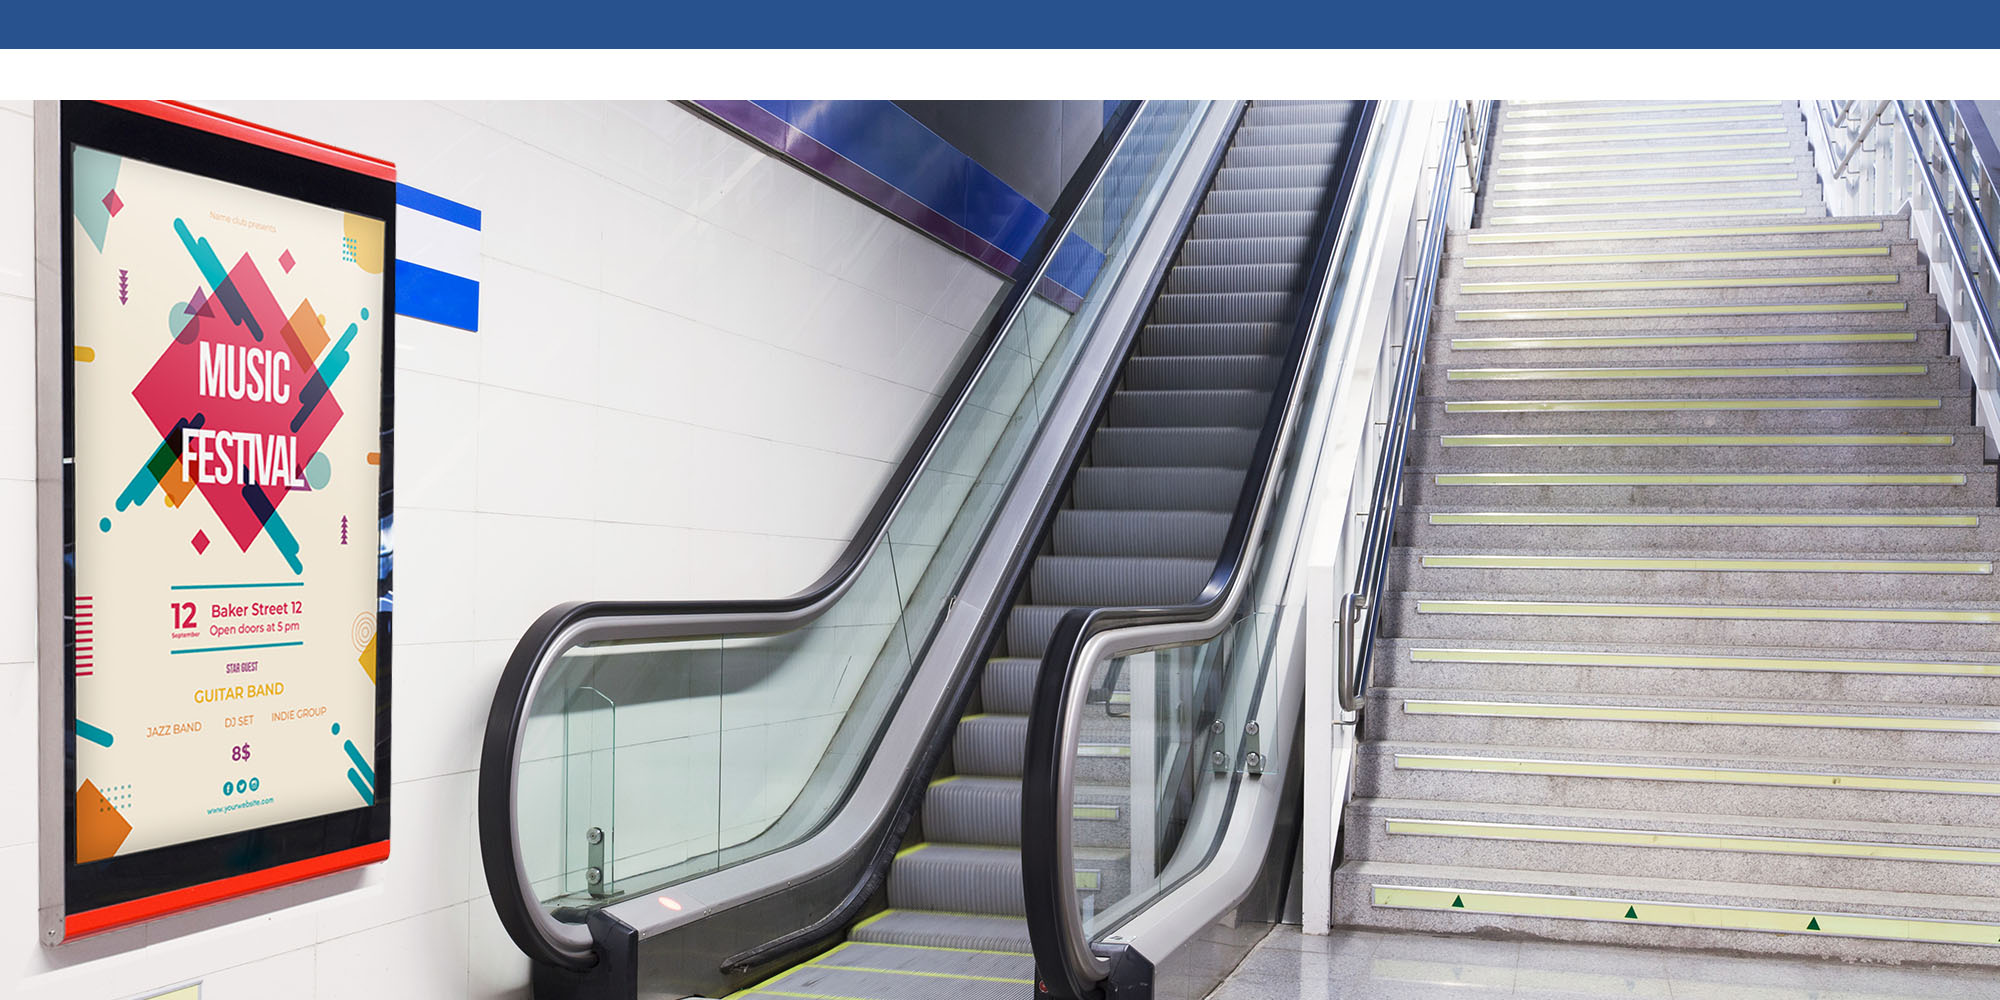 Ventajas de la publicidad en metro y Renfe